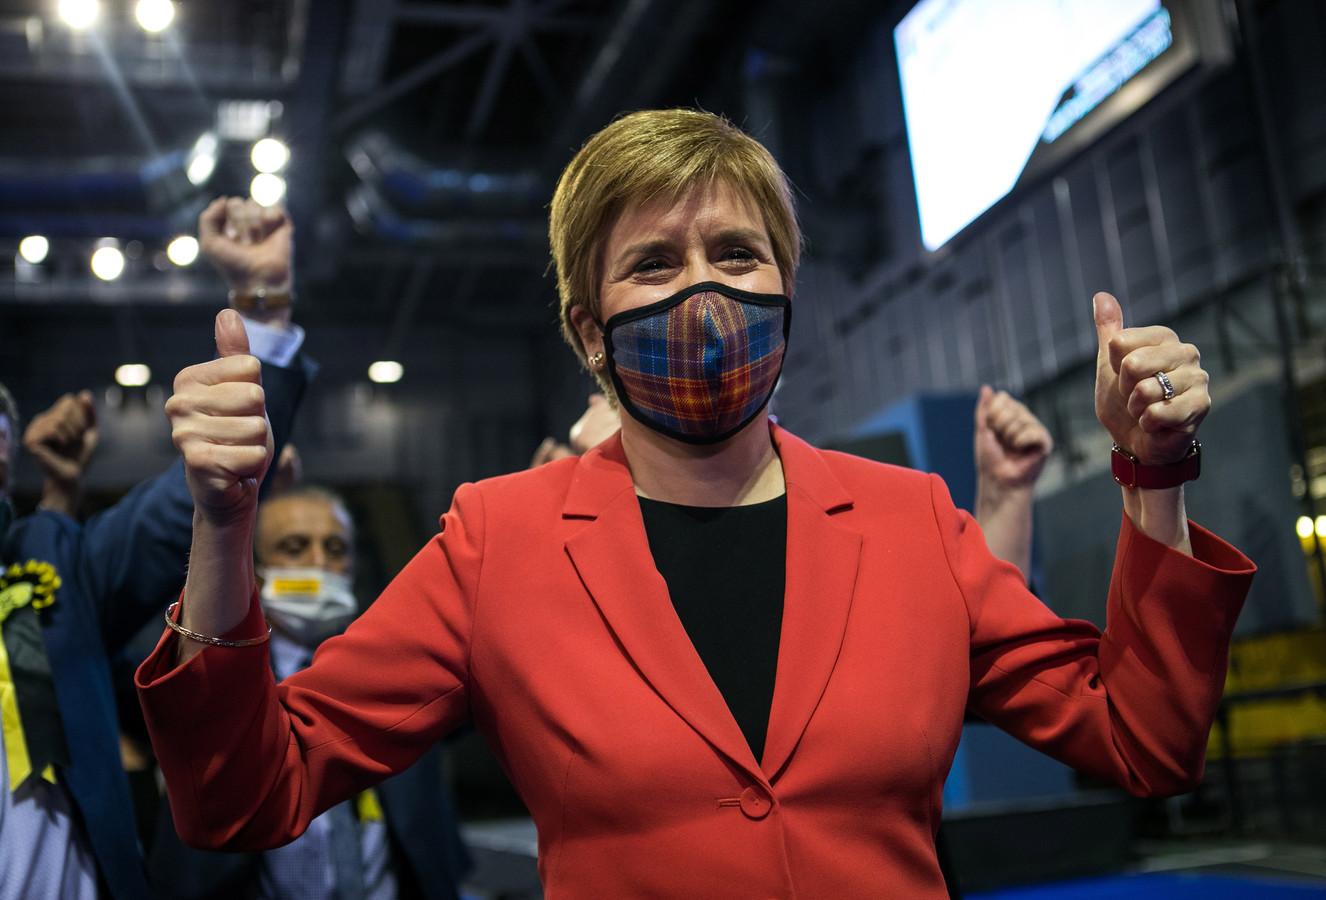 Premier Nicola Sturgeon van Scottish National Party (SNP) reageert tevreden met de eerste verkiezingsresultaten.